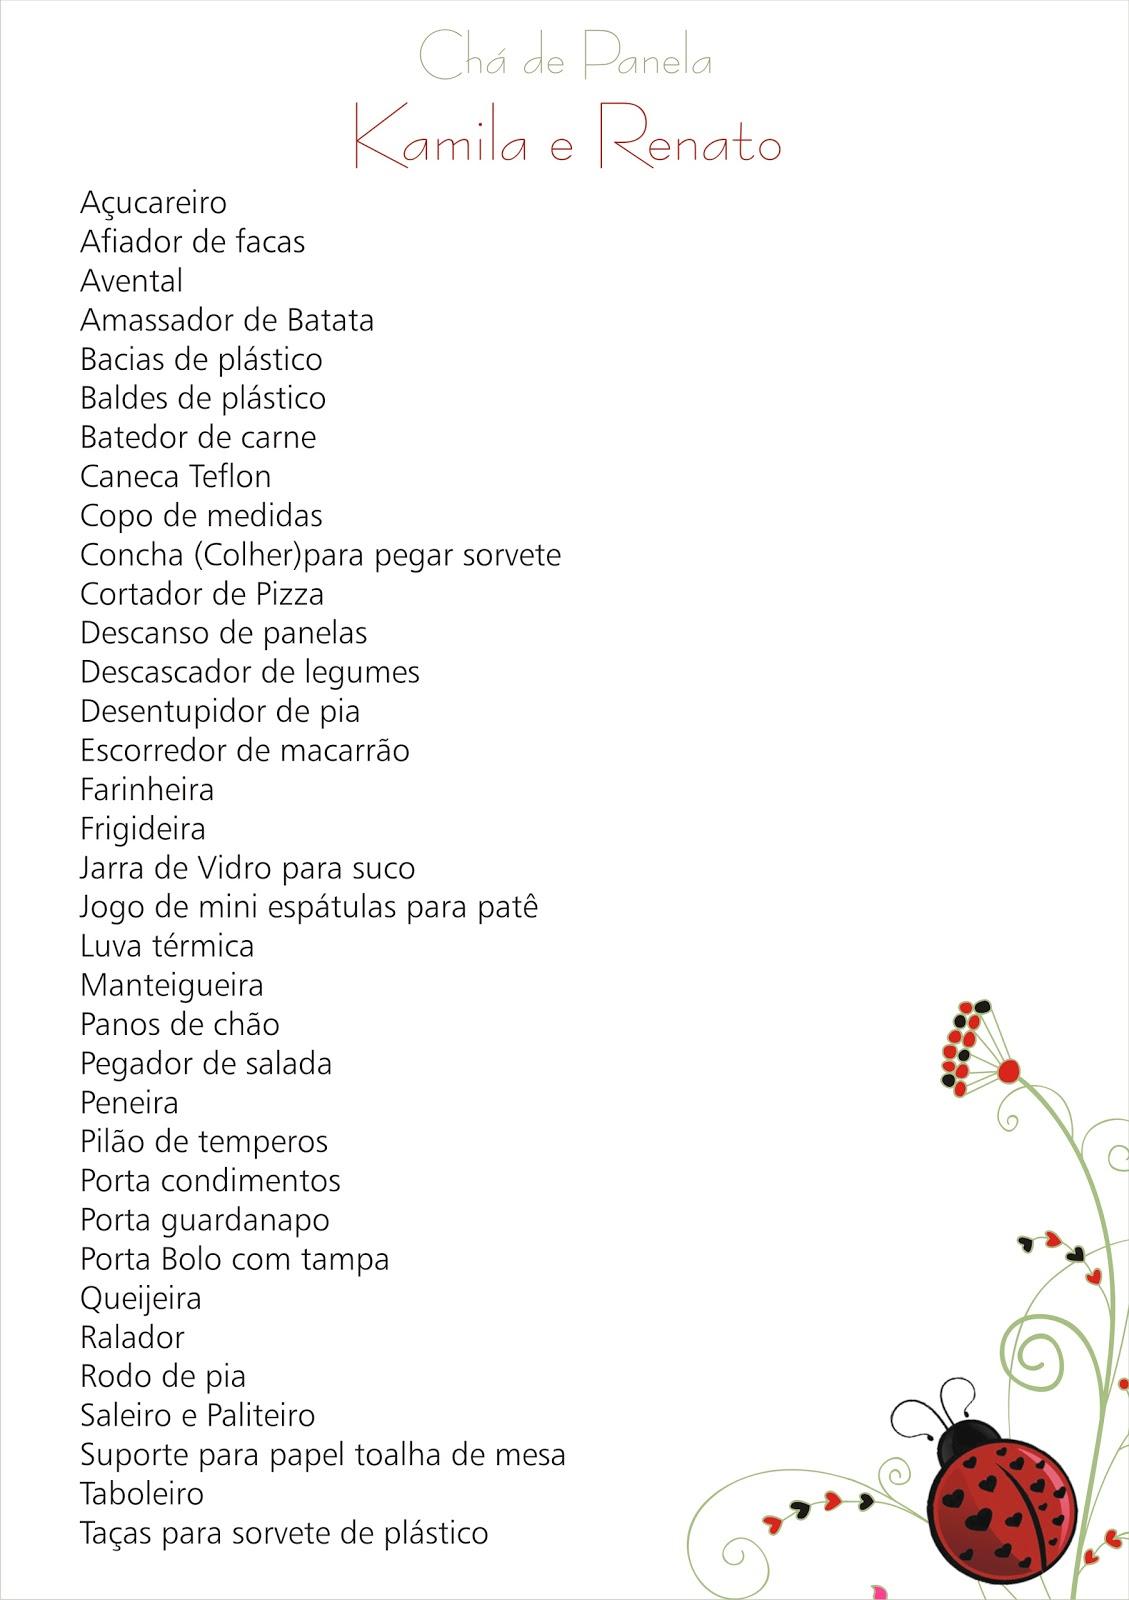 Ch De Cozinha Lista Presentes De Lista De Ch De Panela Completa